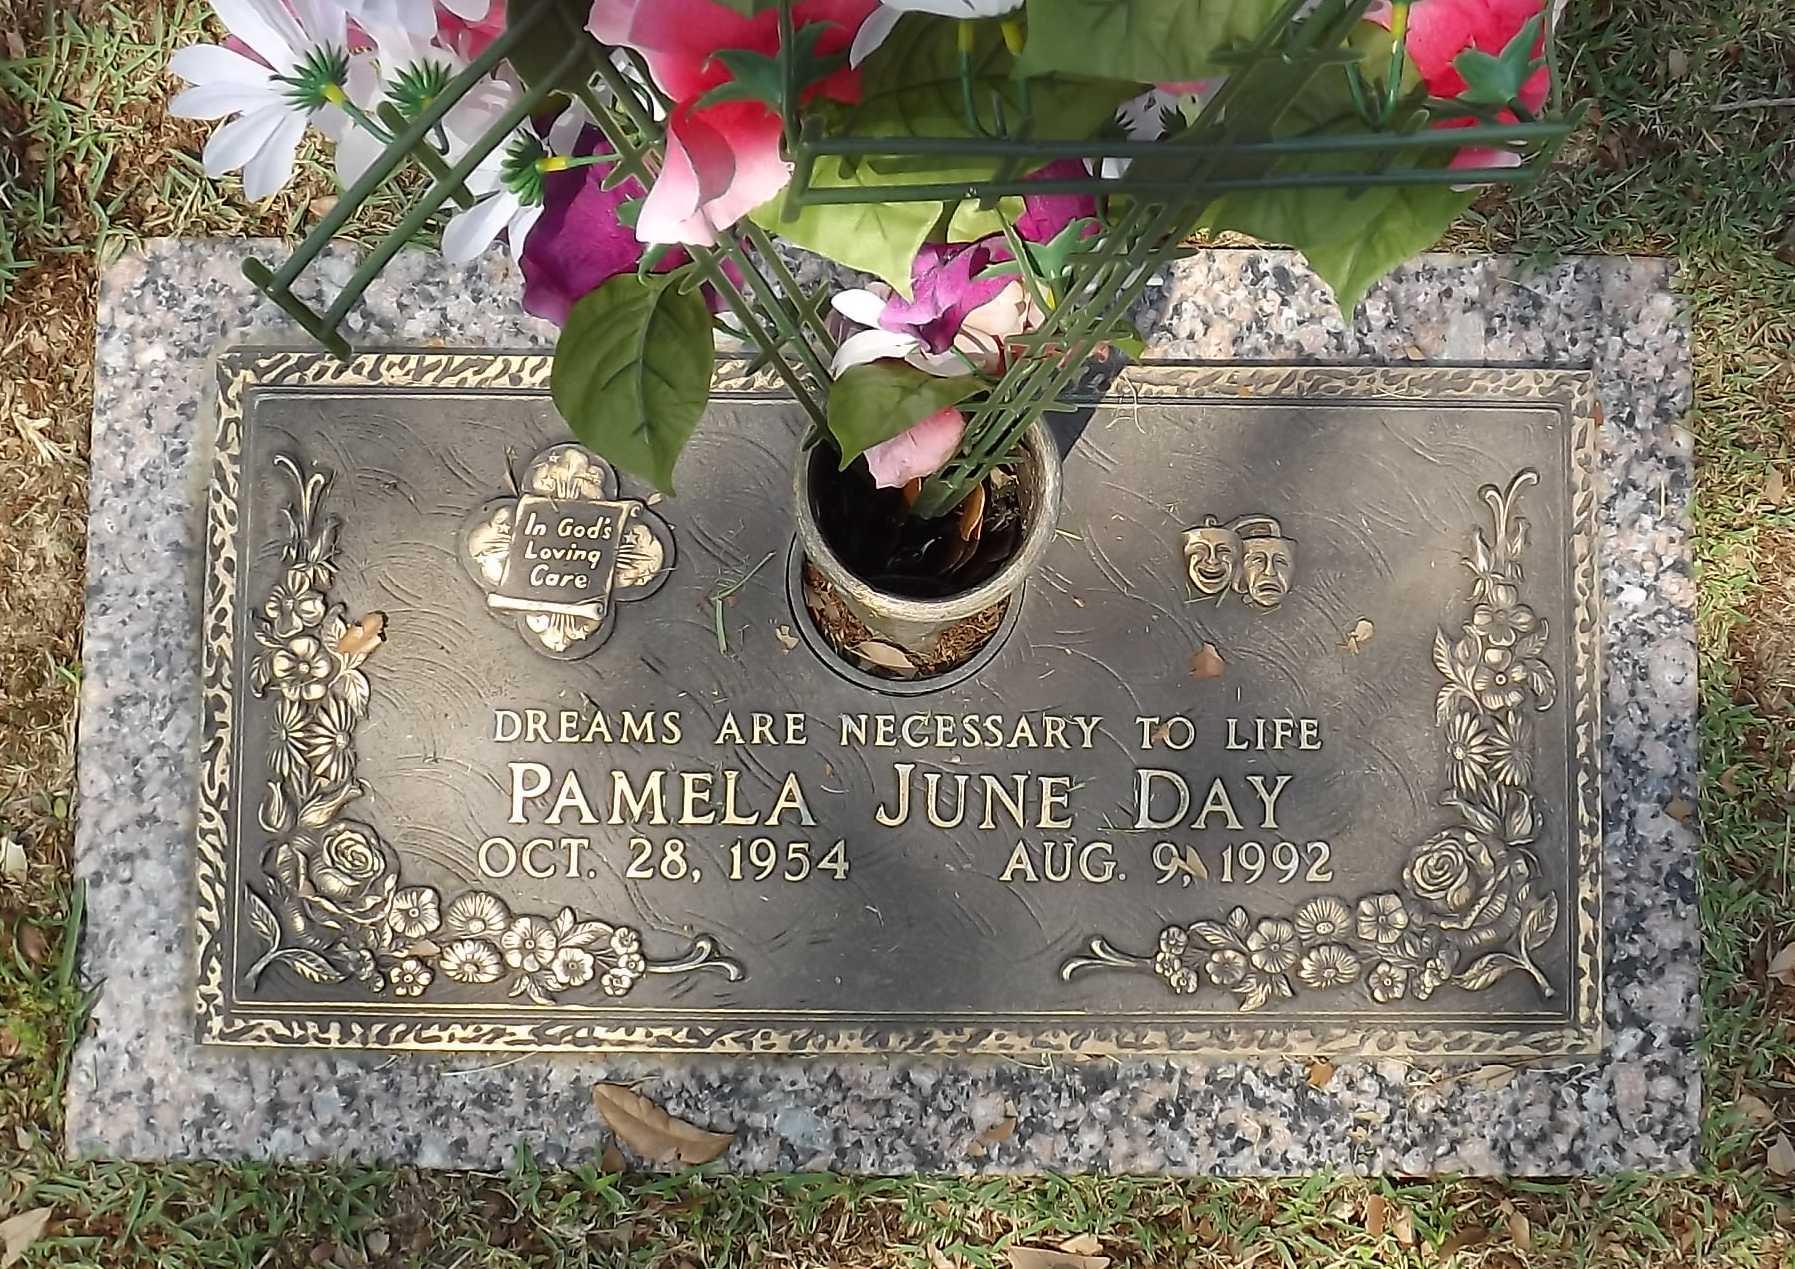 Pamela June Day